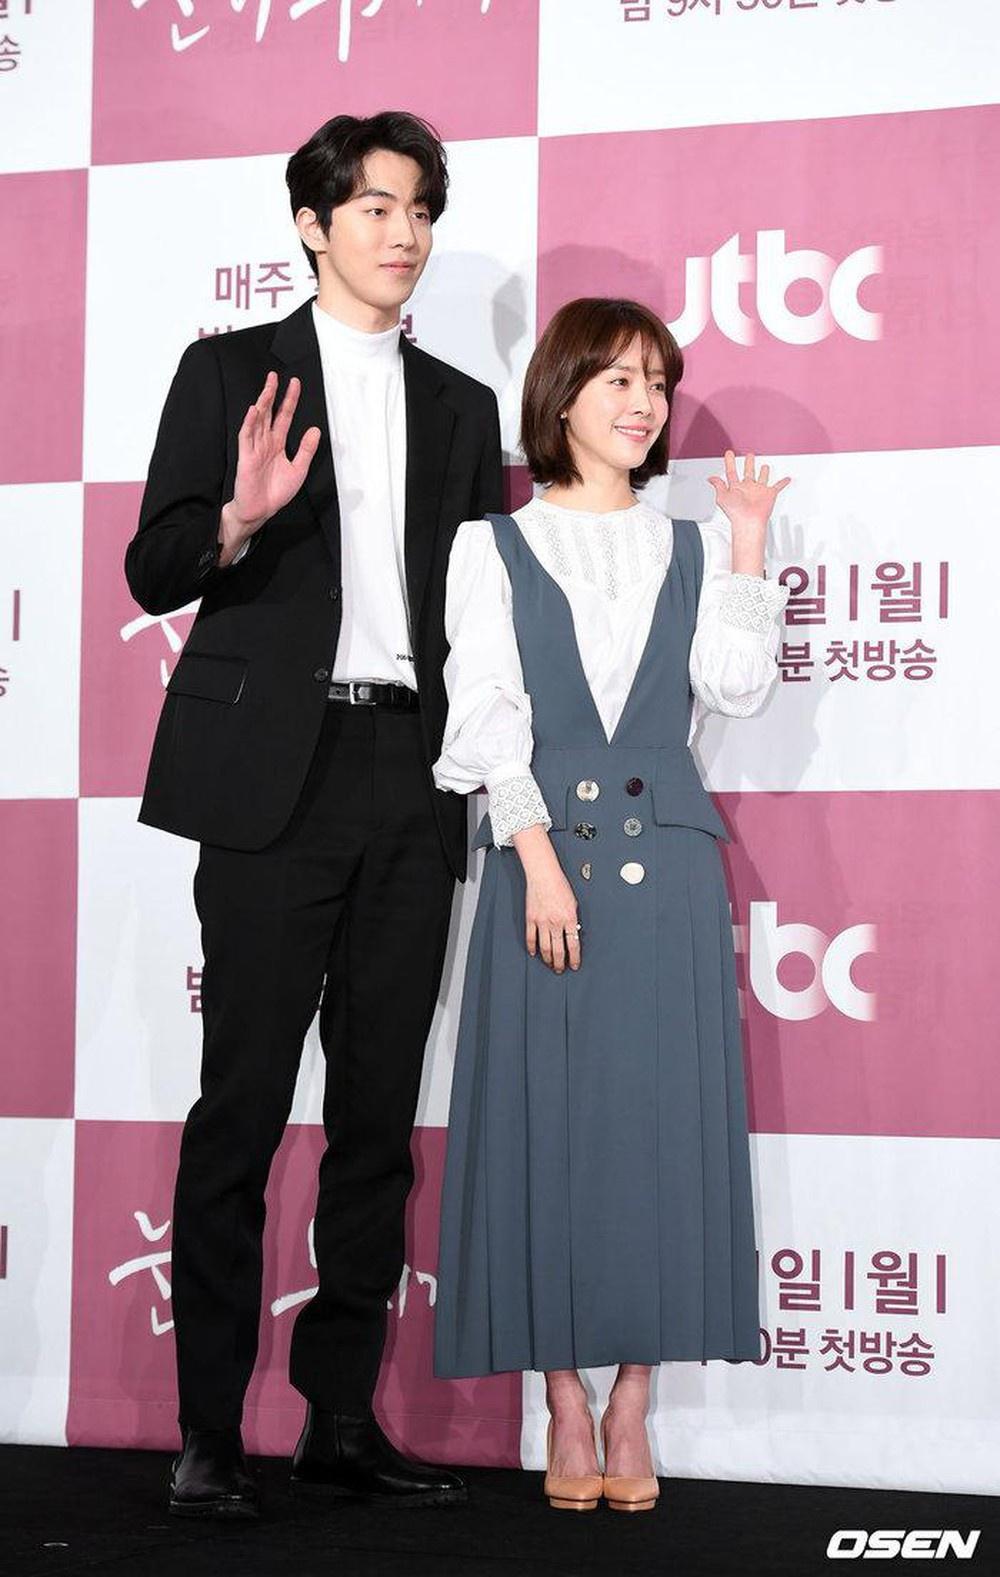 Lee Min Ho và những sao nam có chiều cao trên 1,85 m của showbiz Hàn - Ảnh 7